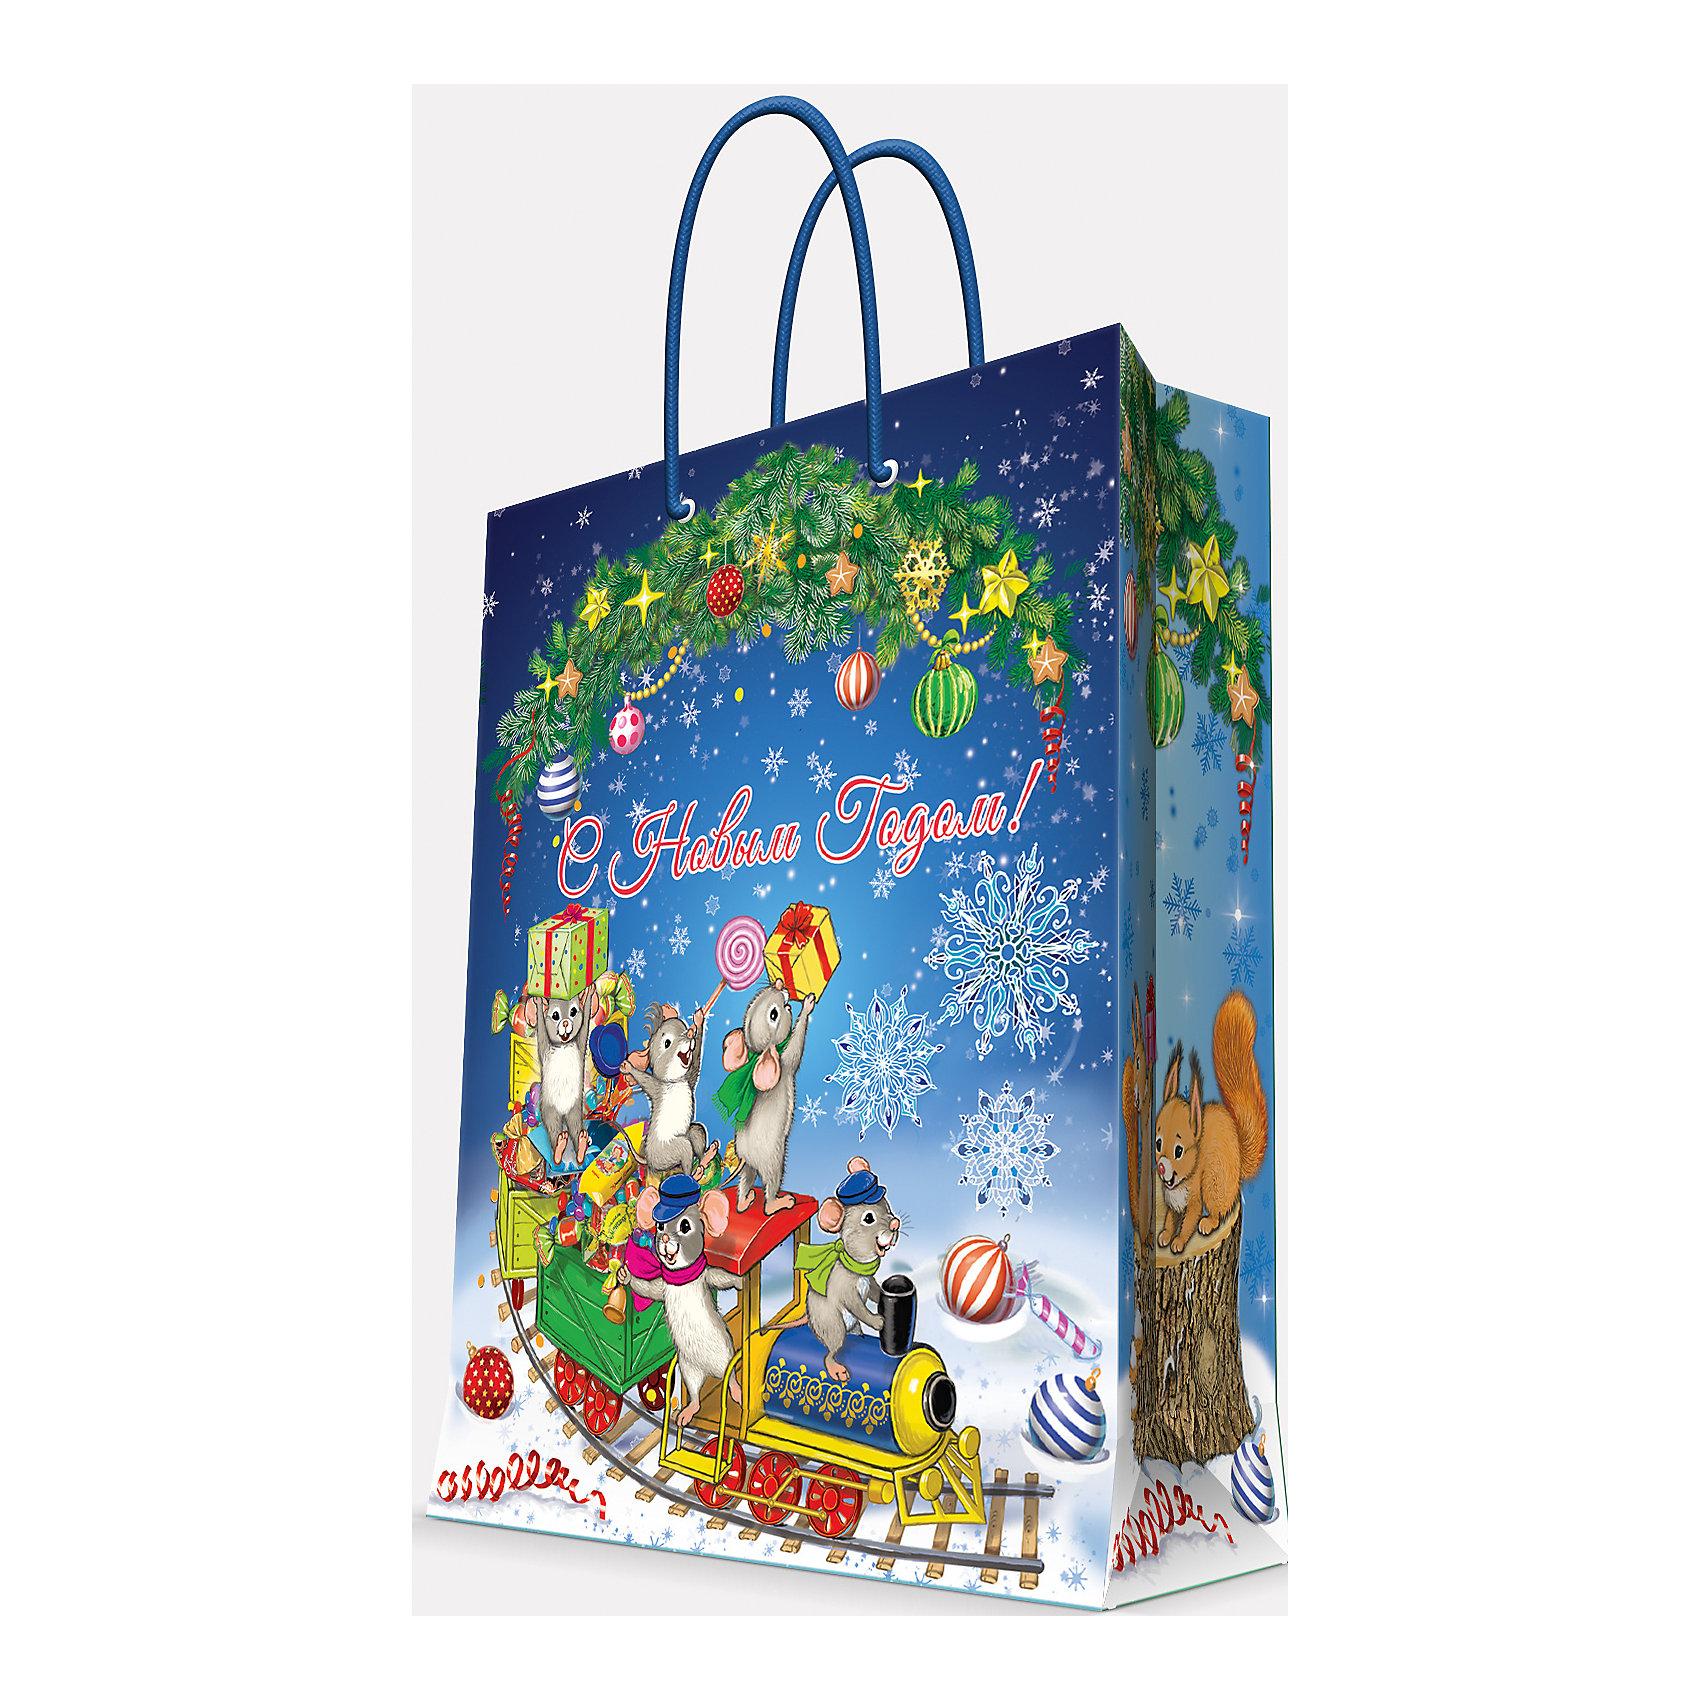 Подарочный пакет Новогодний паровозик и мышата 17,8*22,9*9,8 смВсё для праздника<br>Предновогодние хлопоты многие любят даже больше самого праздника! Праздничное настроение создает украшенный дом, наряженная ёлка, запах мандаринов, предновогодняя суета и, конечно же, подарки! Чтобы сделать момент вручения приятнее, нужен красивый подарочный пакет.<br>Этот пакет украшен симпатичным универсальным рисунком, поэтому в него можно упаковать подарок и родственнику, и коллеге. Он сделан из безопасного для детей, прочного, но легкого, материала. Создайте с ним праздничное настроение себе и близким!<br><br>Дополнительная информация:<br><br>плотность бумаги: 140 г/м2;<br>размер: 18 х 23 х 10 см;<br>с ламинацией;<br>украшен рисунком.<br><br>Подарочный пакет Новогодний паровозик и мышата 17,8*22,9*9,8 см можно купить в нашем магазине.<br><br>Ширина мм: 178<br>Глубина мм: 229<br>Высота мм: 98<br>Вес г: 39<br>Возраст от месяцев: 36<br>Возраст до месяцев: 2147483647<br>Пол: Унисекс<br>Возраст: Детский<br>SKU: 4981597